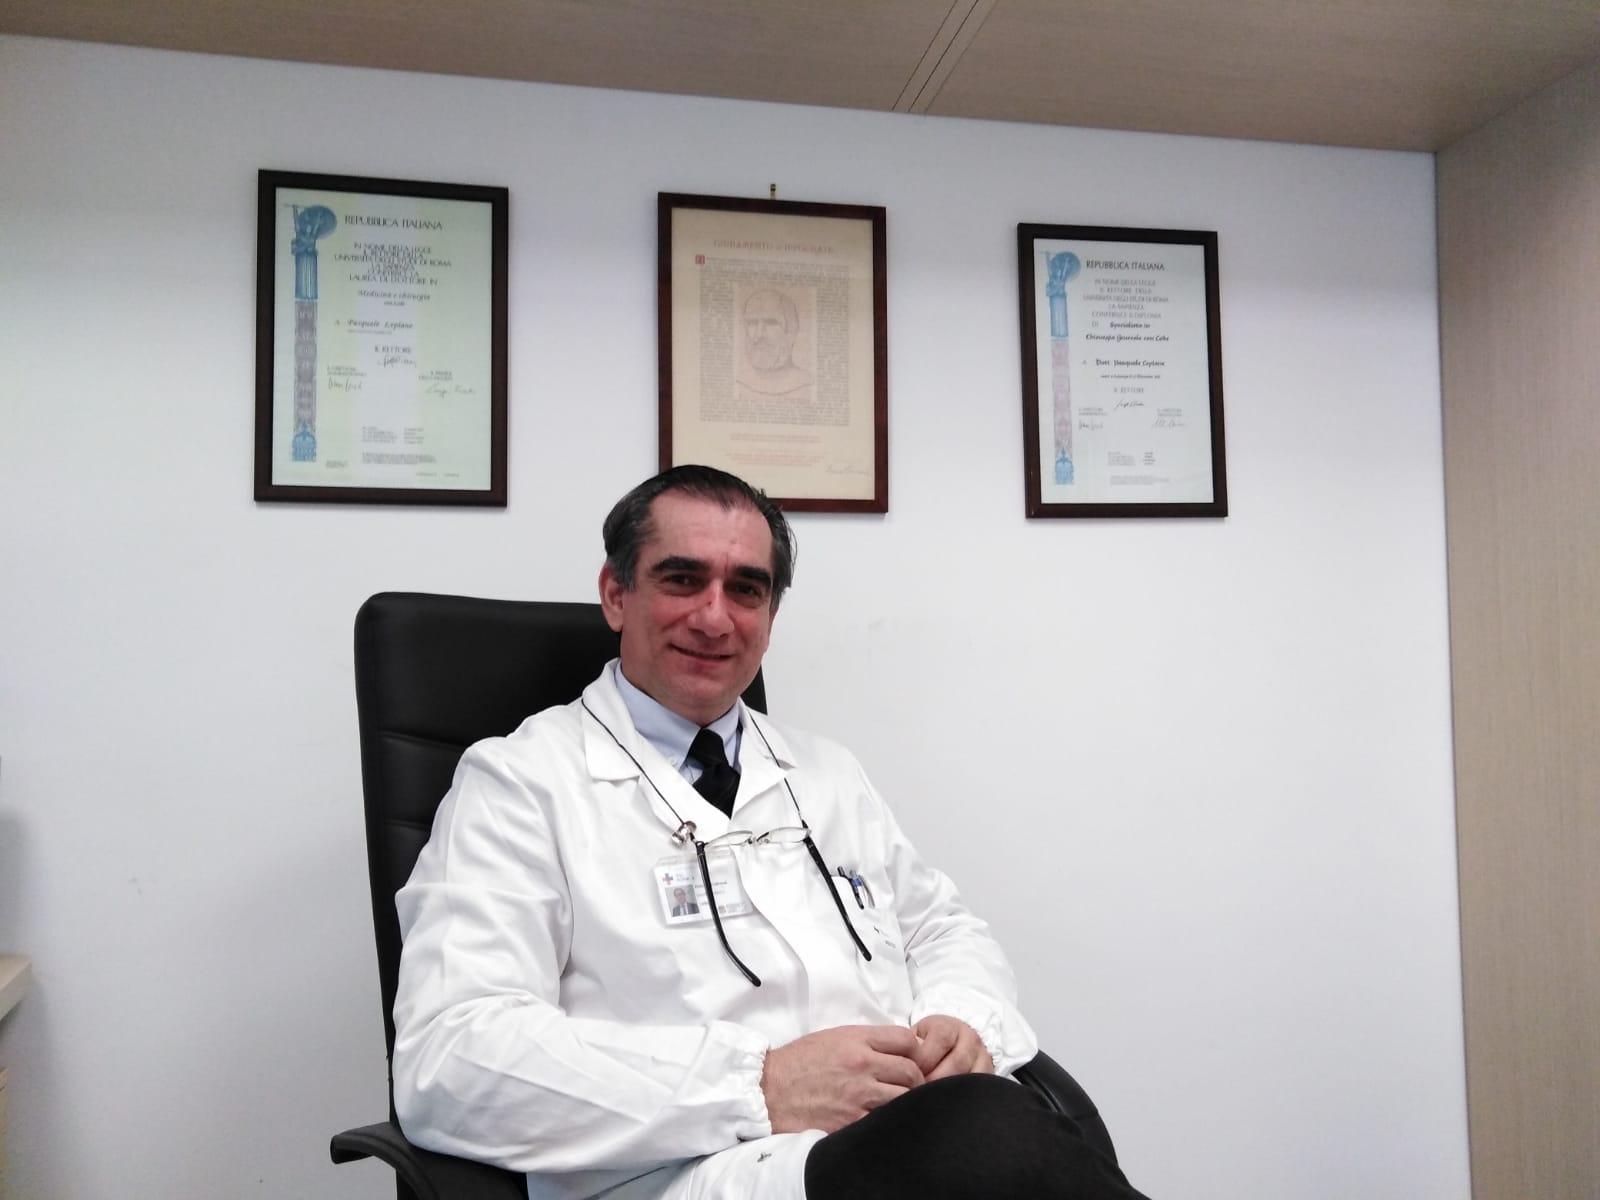 Chirurgia all'avanguardia al San Paolo: asportato rene in laparoscopia